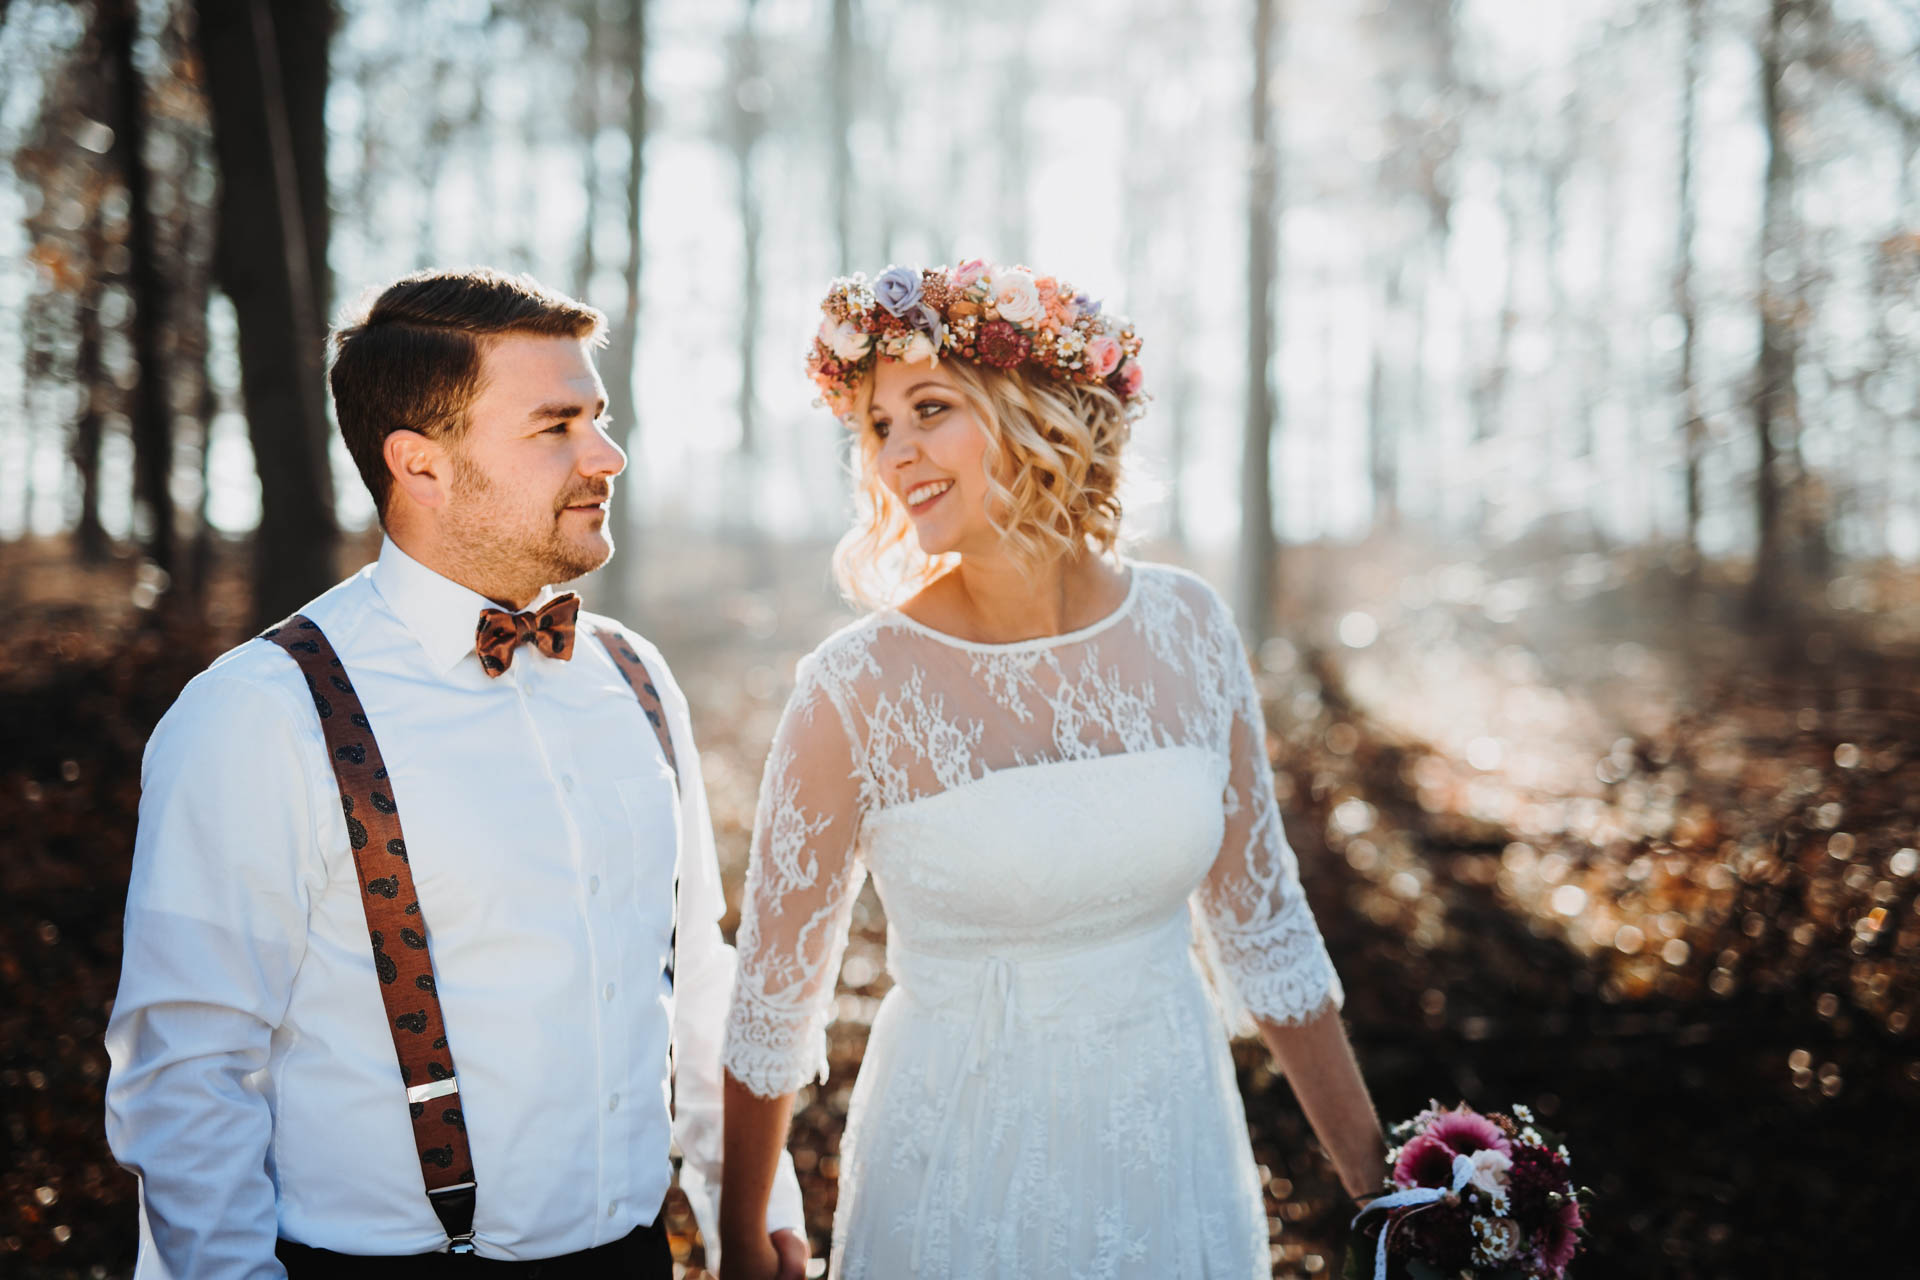 Strahlendes Brautpaar im Wald